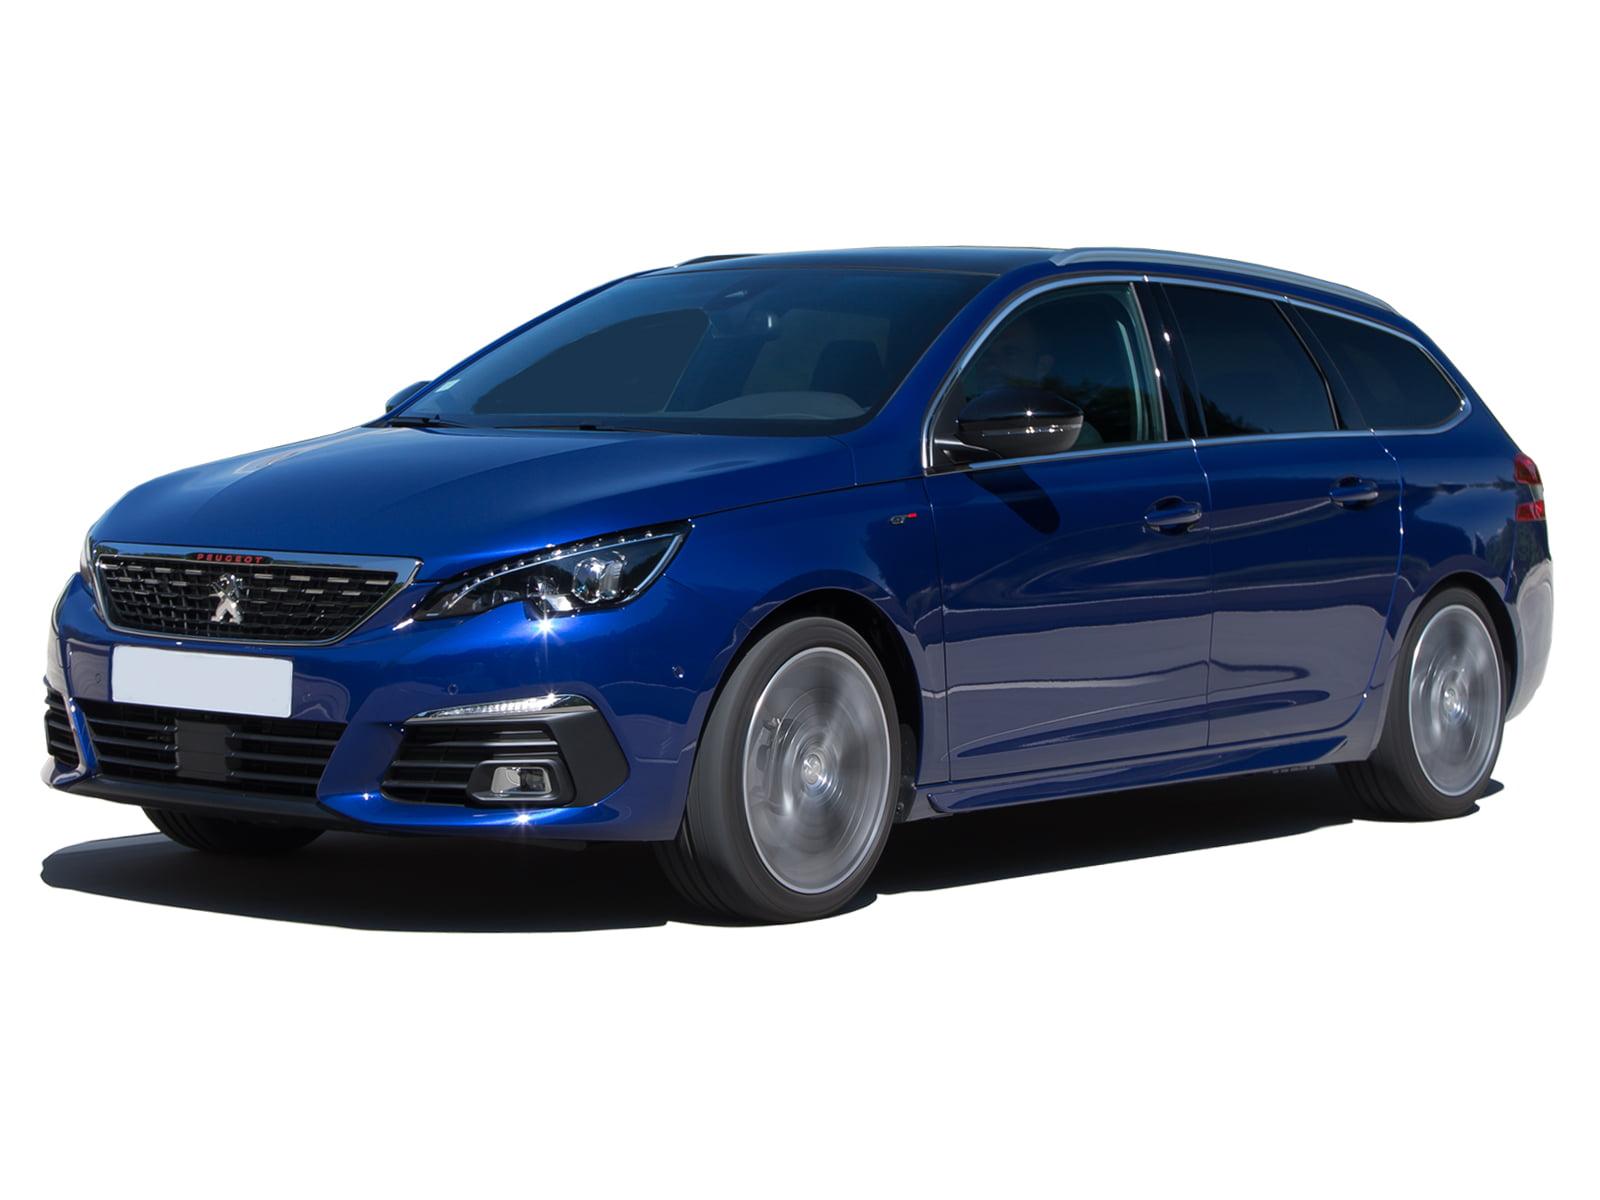 Peugeot 308 SW Blue Lease Active 1.2 PureTech 110 5d.